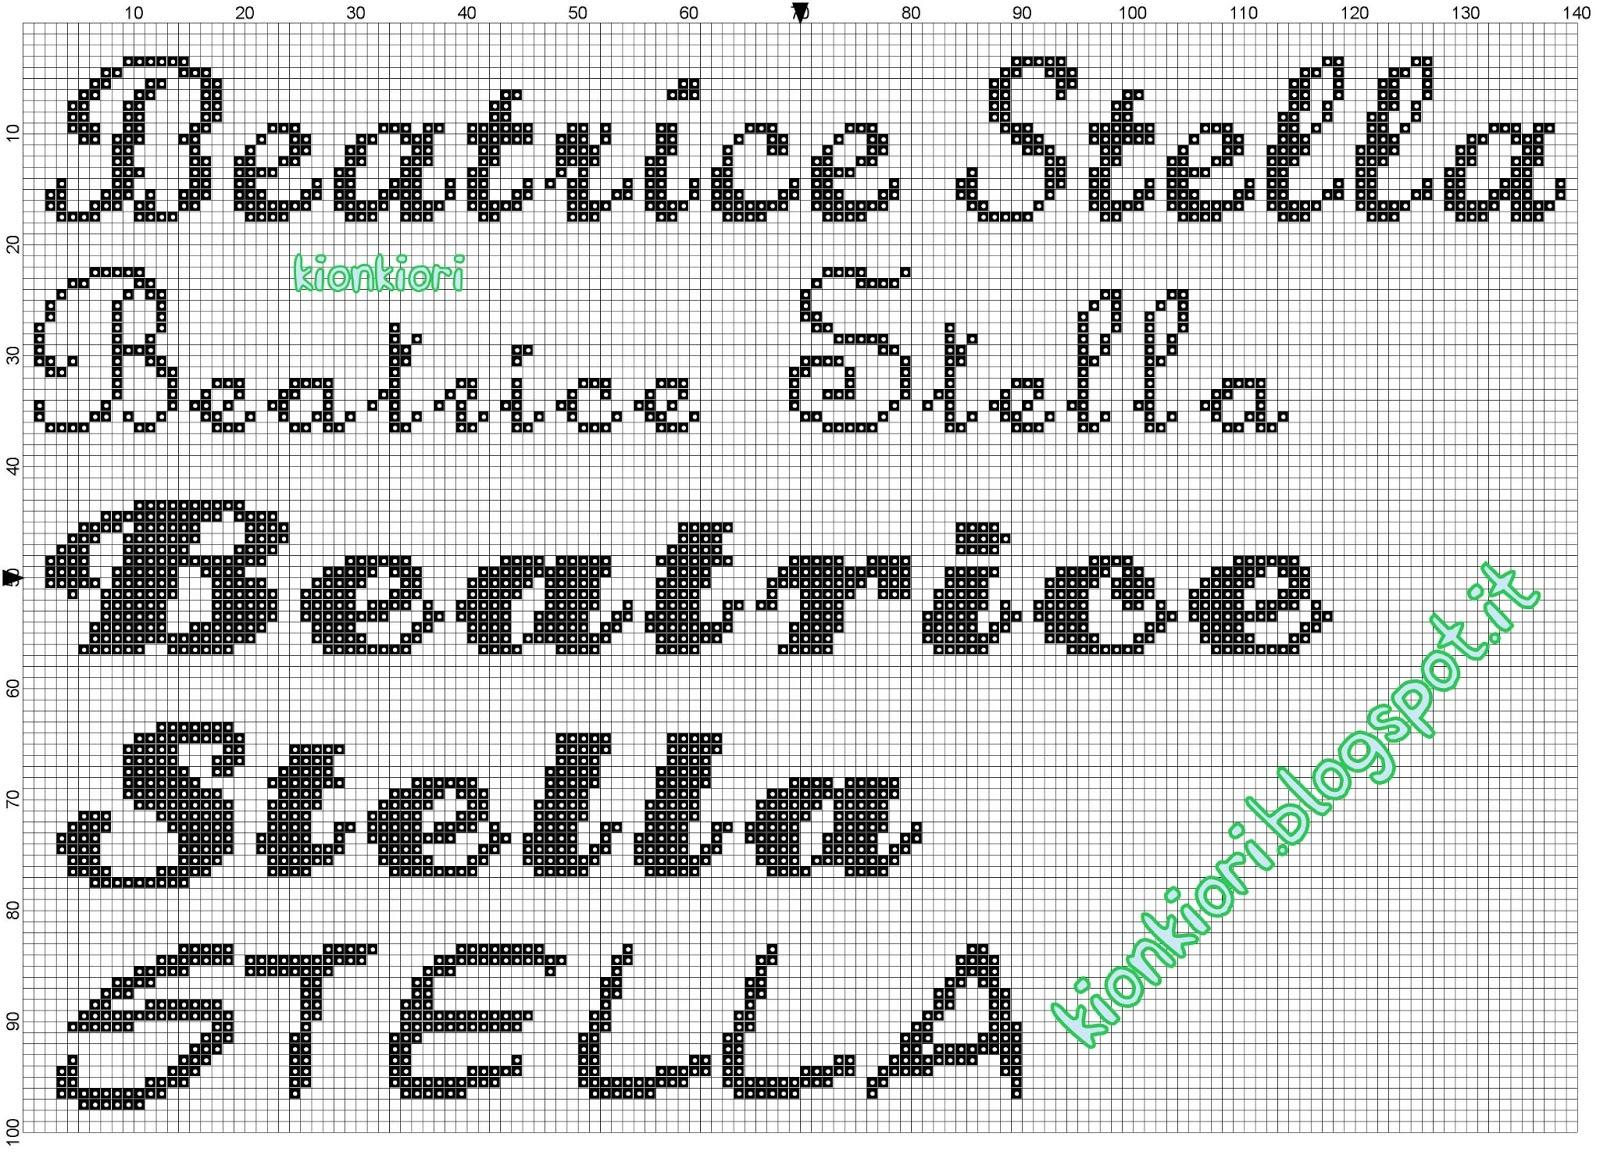 Bambini lettere dell alfabeto lettera e corsivo maiuscolo pictures to - Bambini Lettere Dell Alfabeto Lettera E Corsivo Maiuscolo Pictures To 49